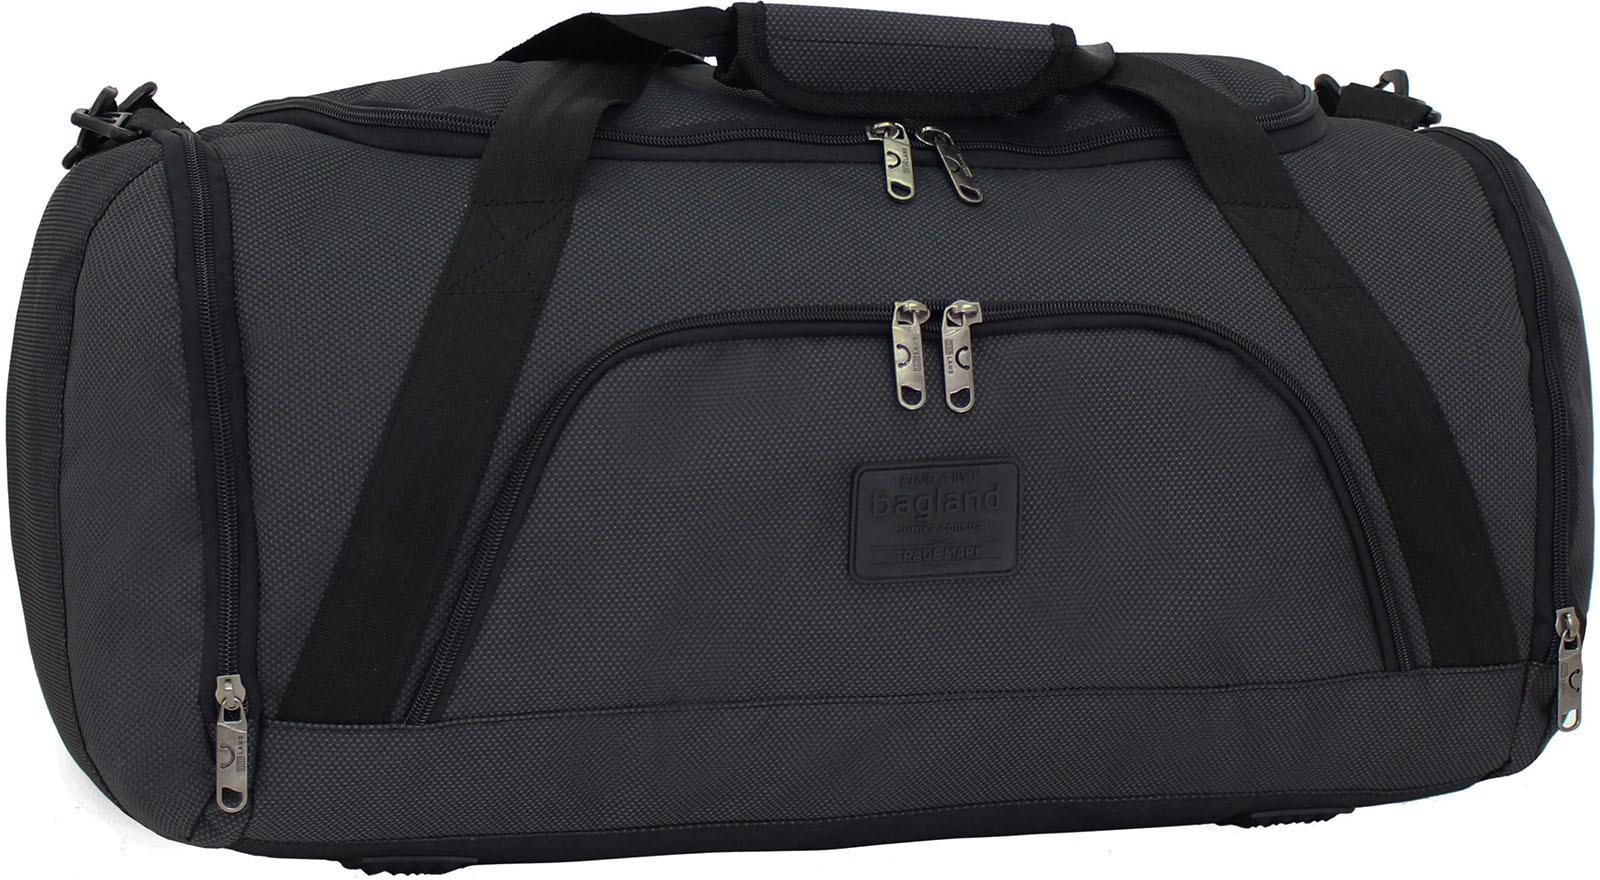 Дорожные сумки Сумка Bagland Верона 52 л. Чёрный (003221692) IMG_1239.JPG